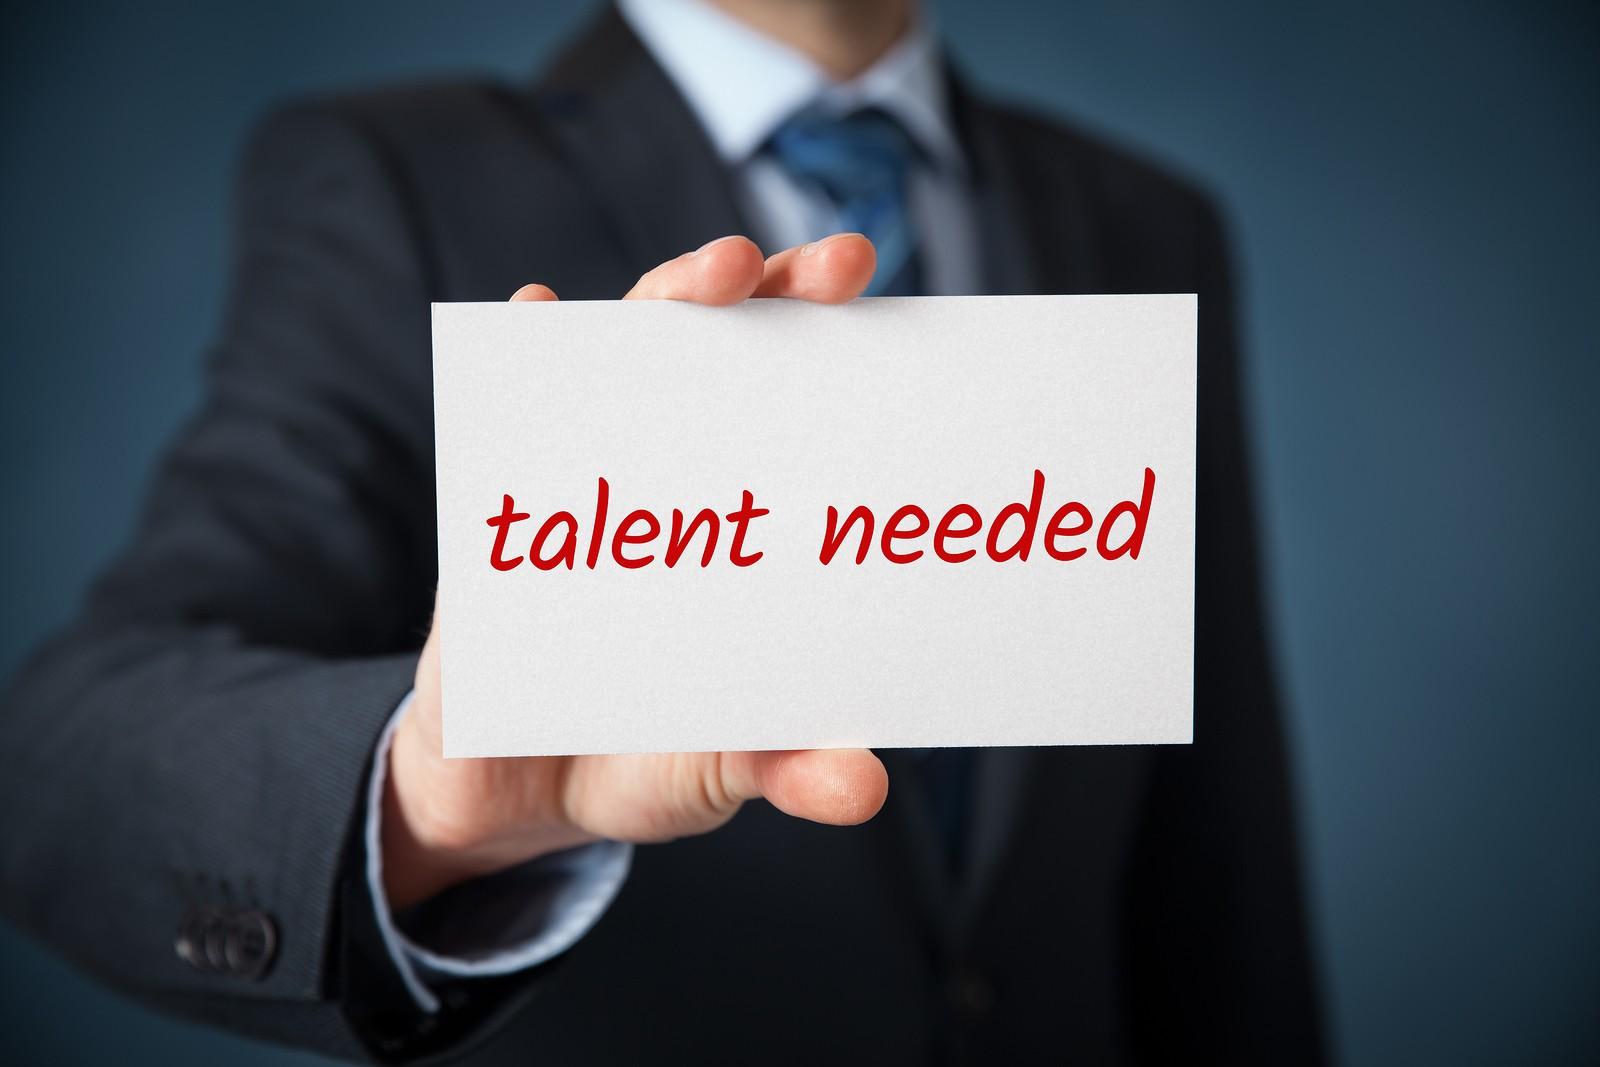 La gestión del talento en los Despachos Profesionales: ¿Utopía o realidad?